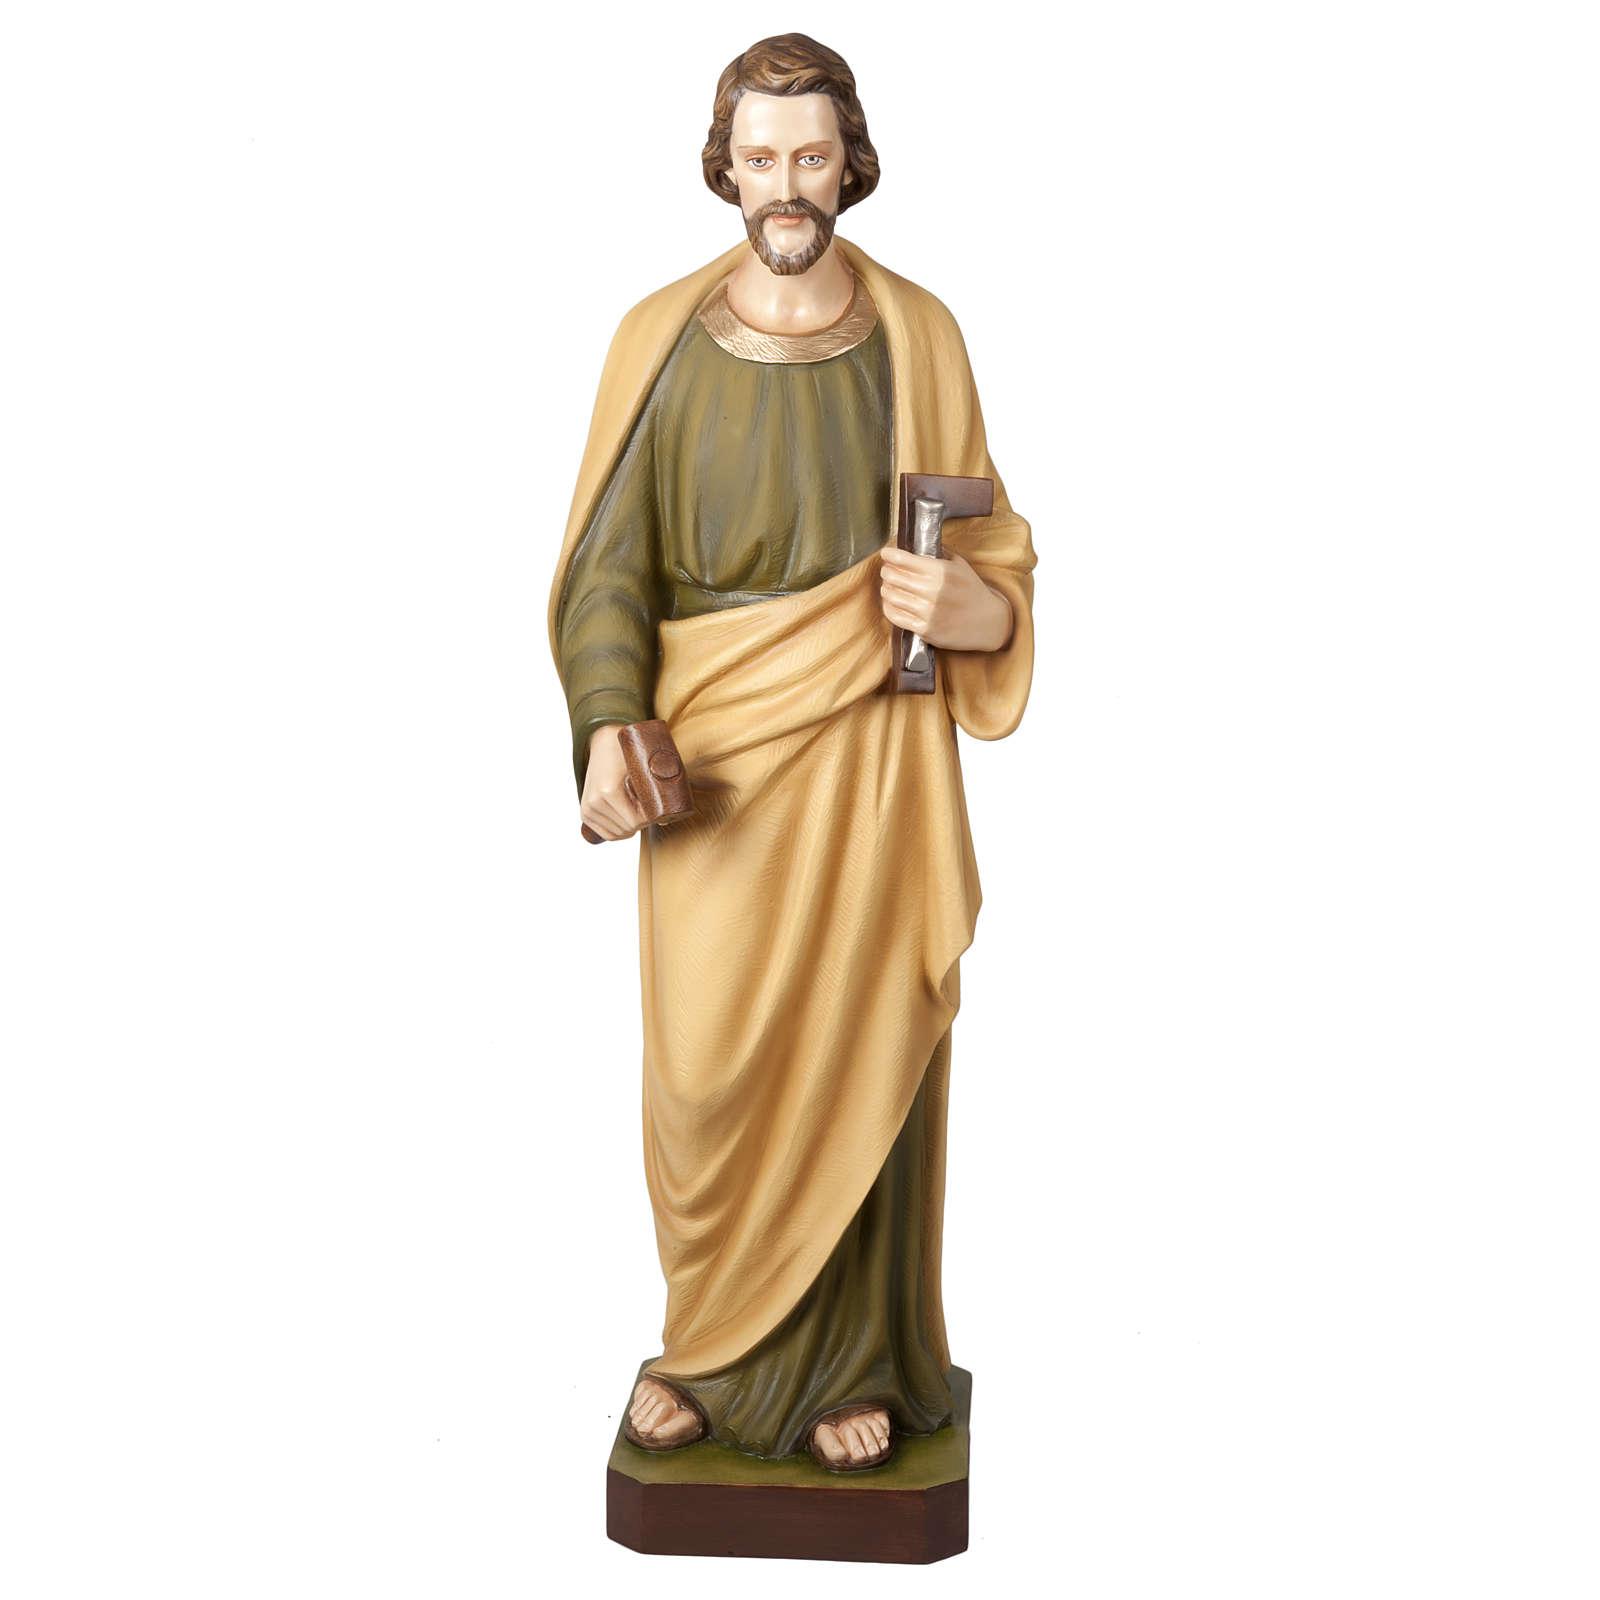 Heiligenfigur Josef der Arbeiter, 100 cm 4